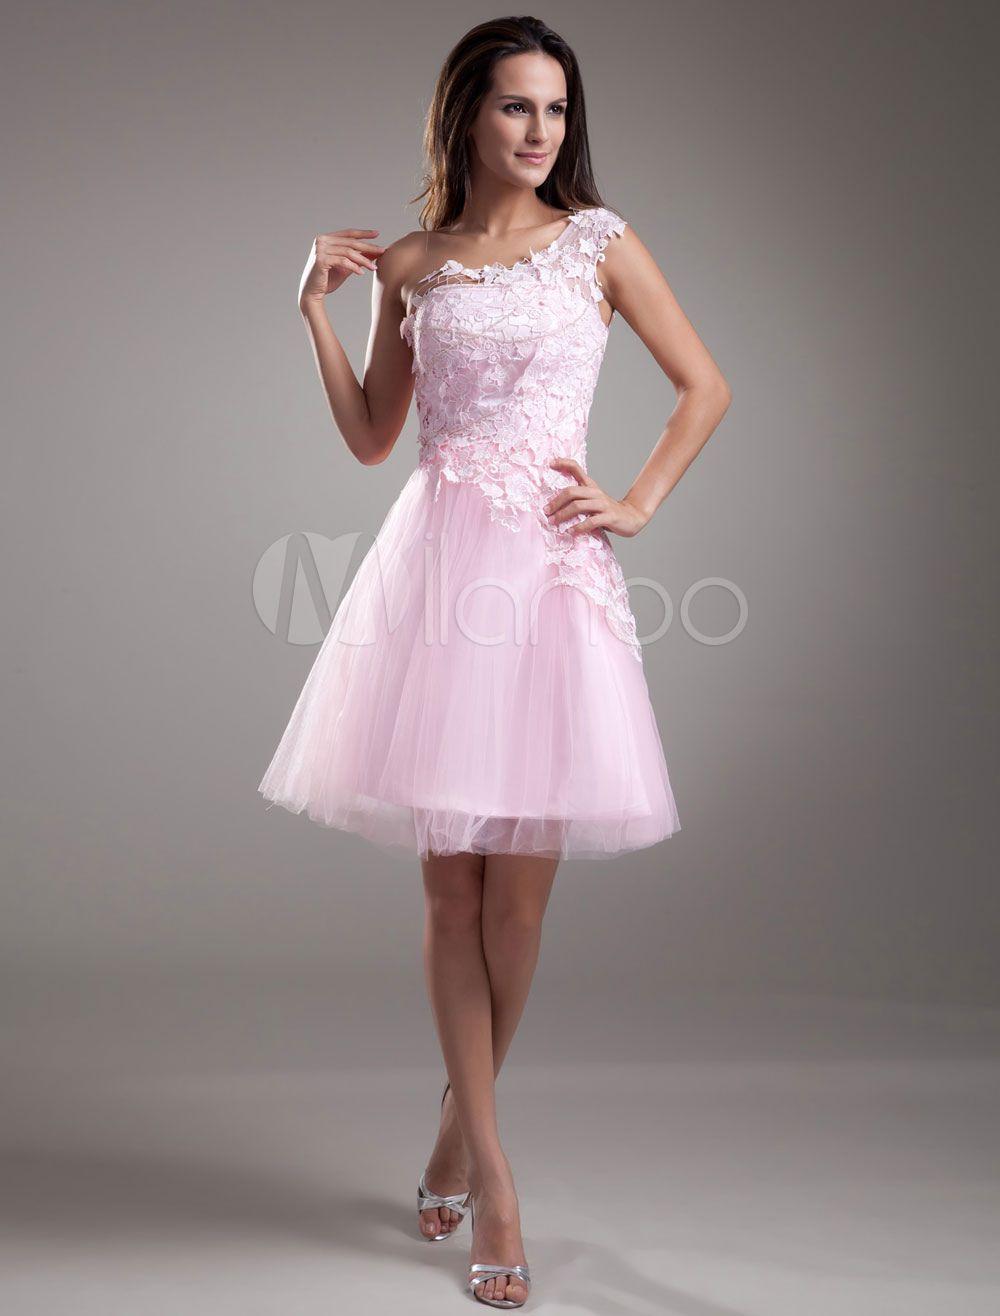 Dentelle robe de Cocktail Prom courte une épaule robe rose Tulle ...